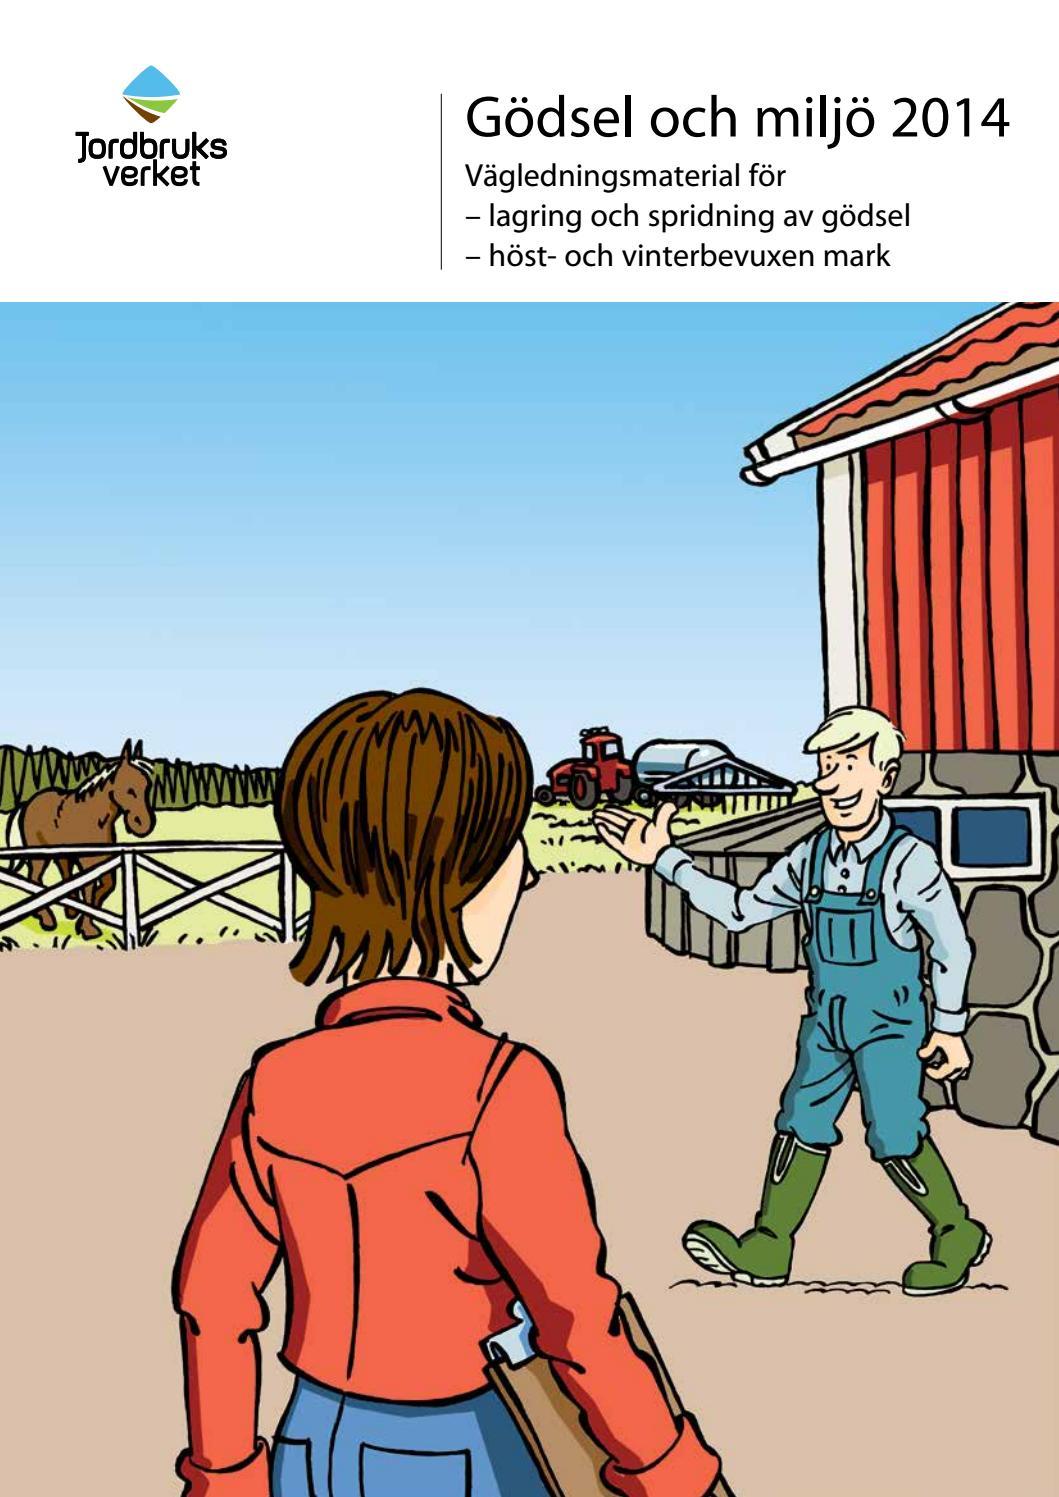 Korsvgen 10 Vstra Gtalands ln, Bullaren - redteksystems.net